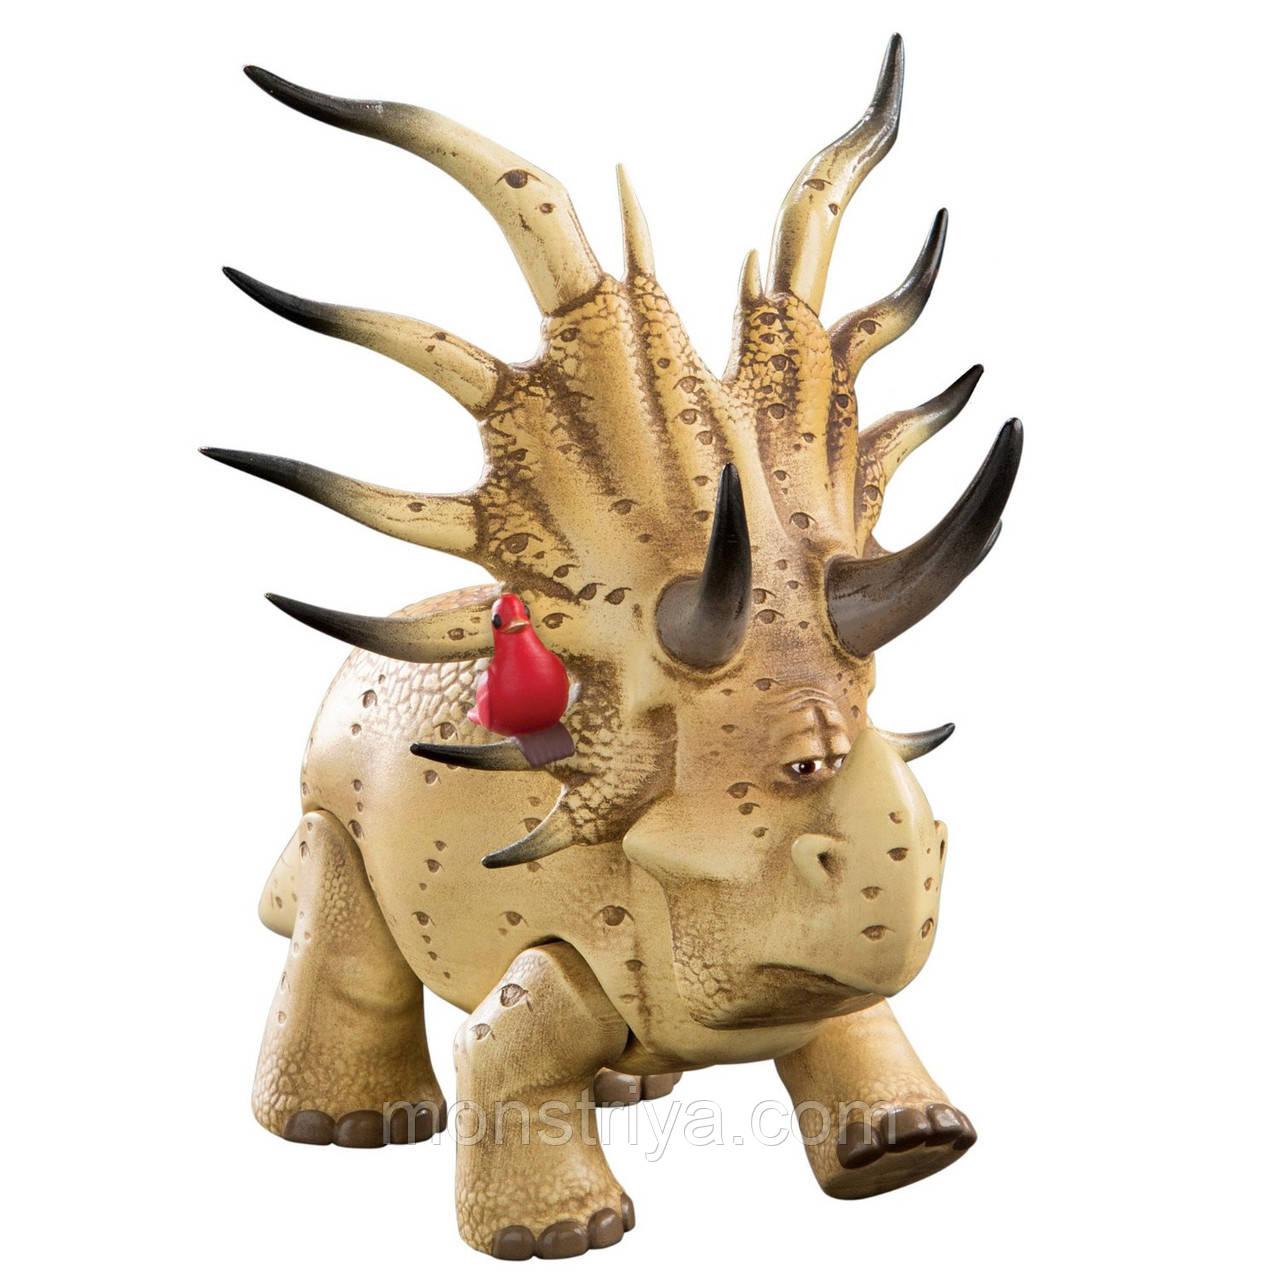 """Подвижная фигурка """" лесной Аконтофиопс"""", средняя, Хороший Динозавр"""